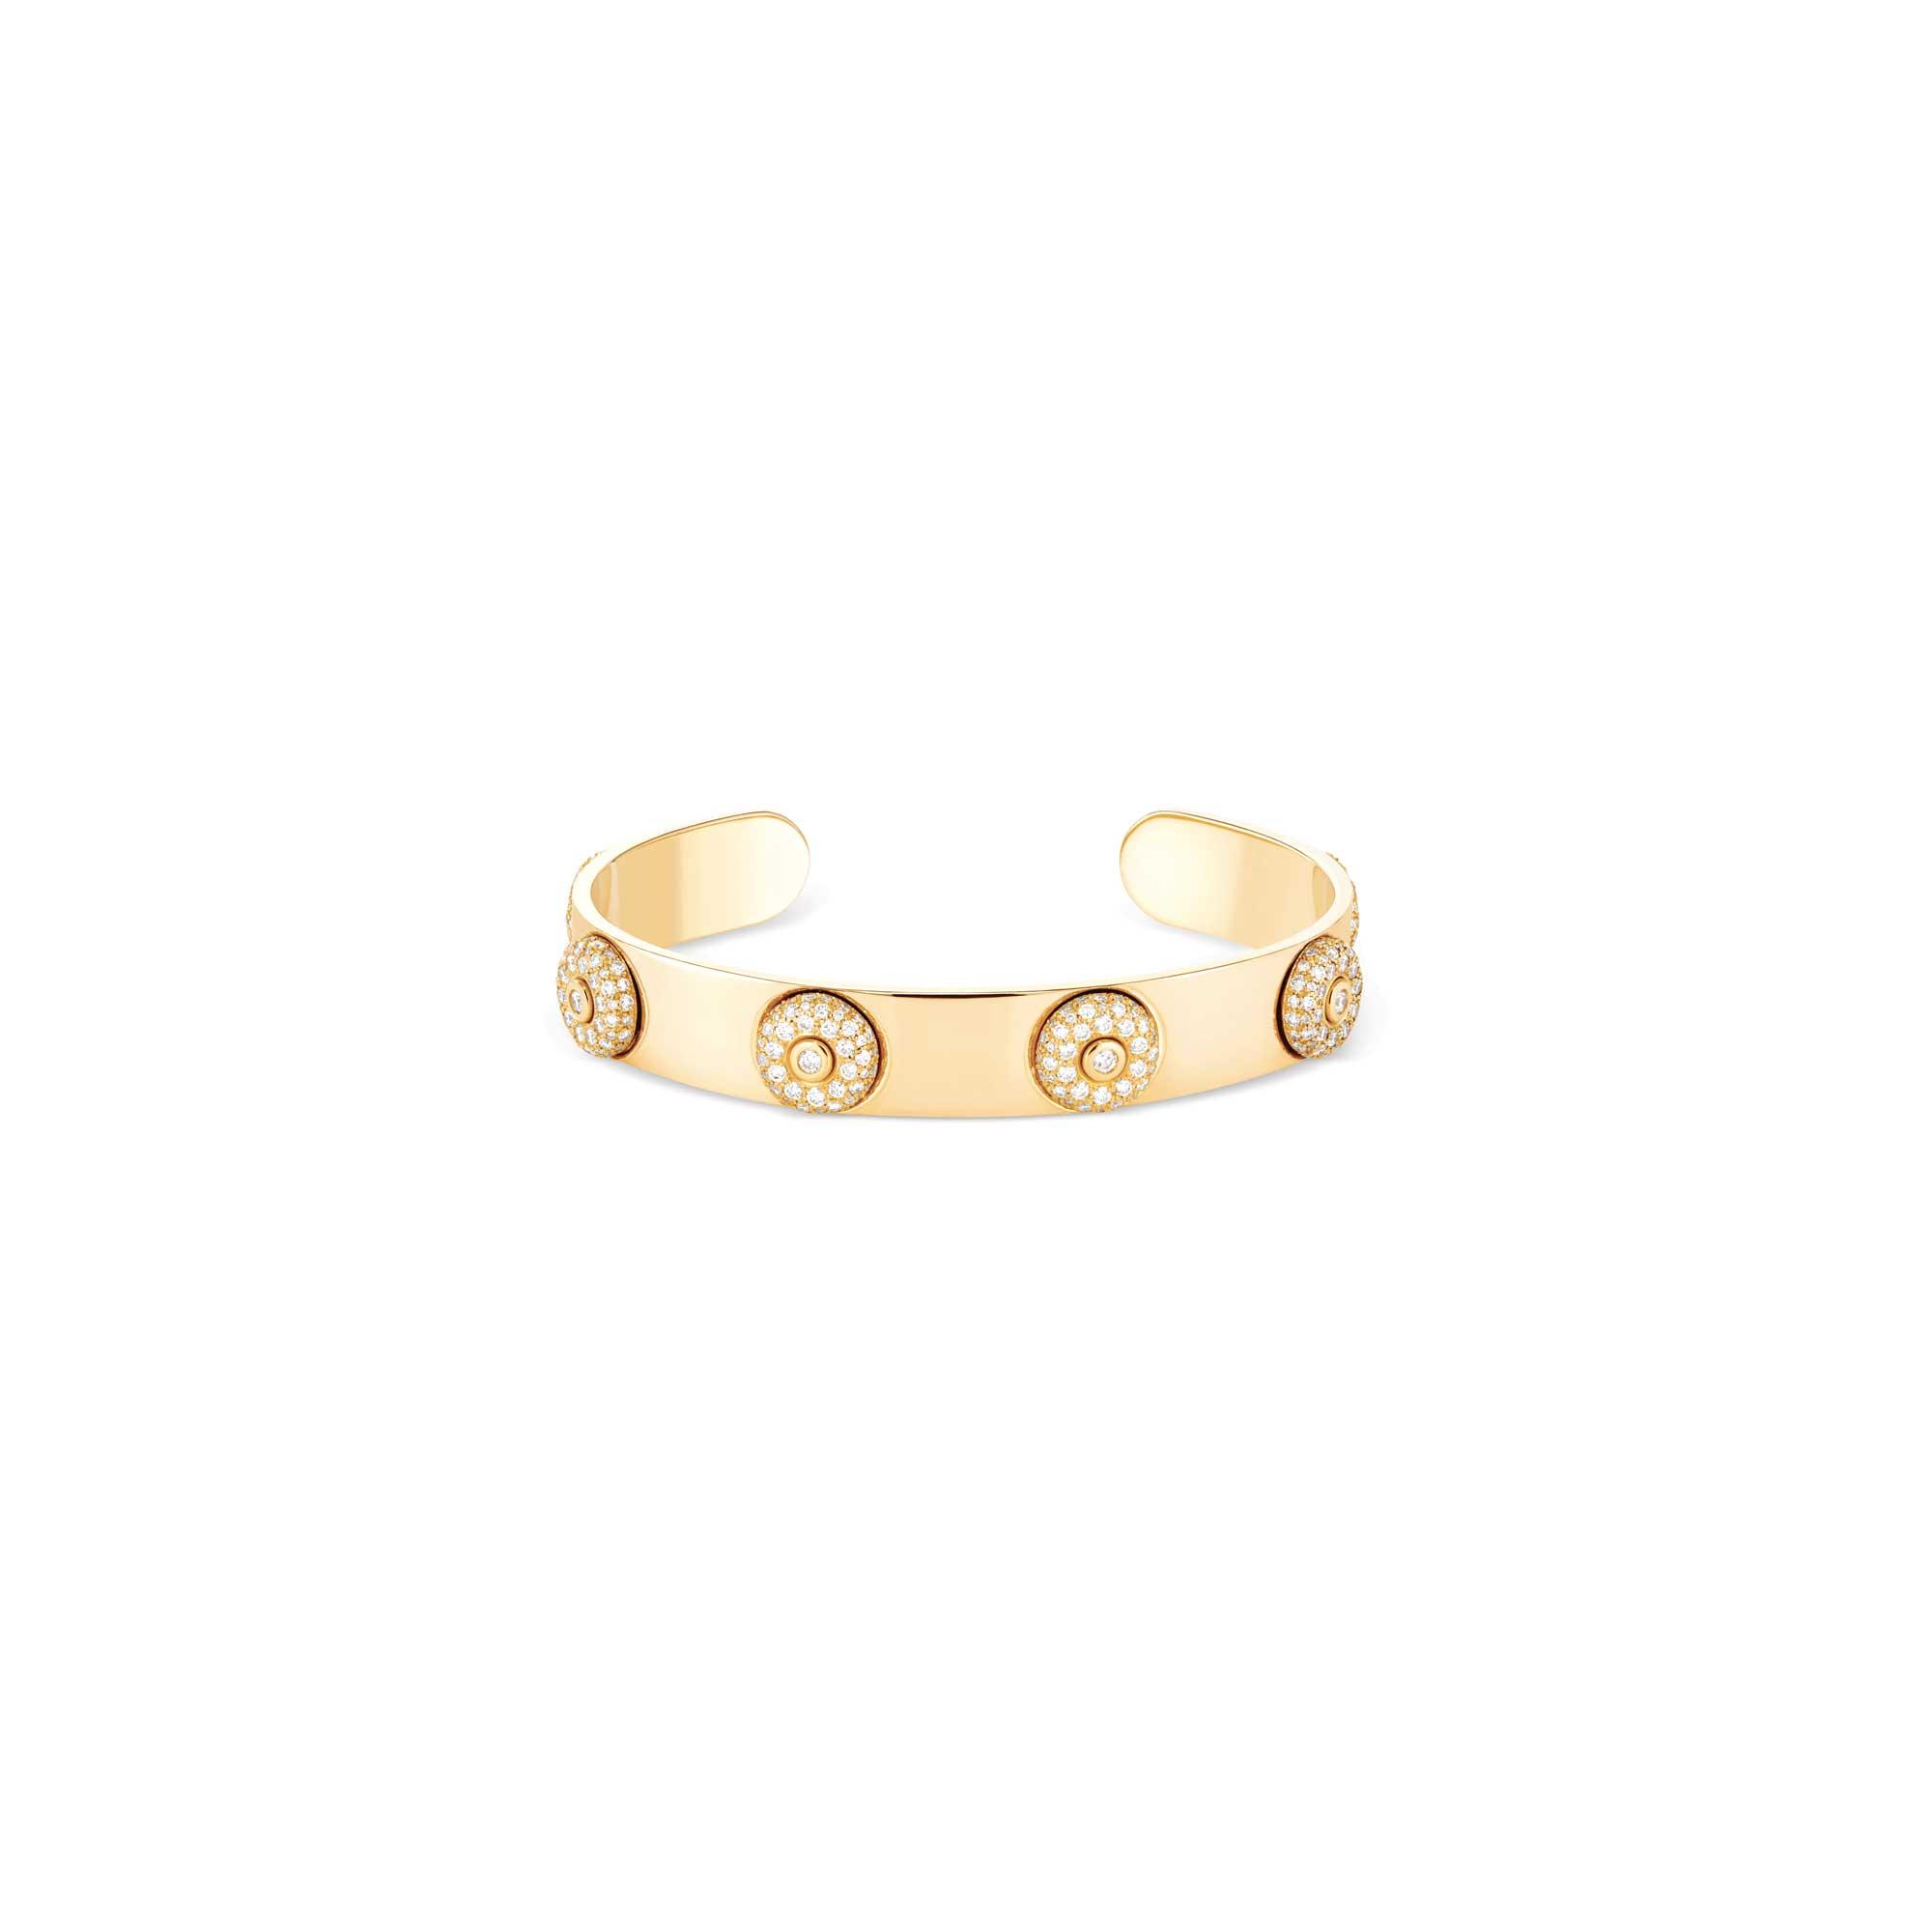 bracelet jonc or jaune 6 bouées diamants- joaillerie canaglia paris-milana